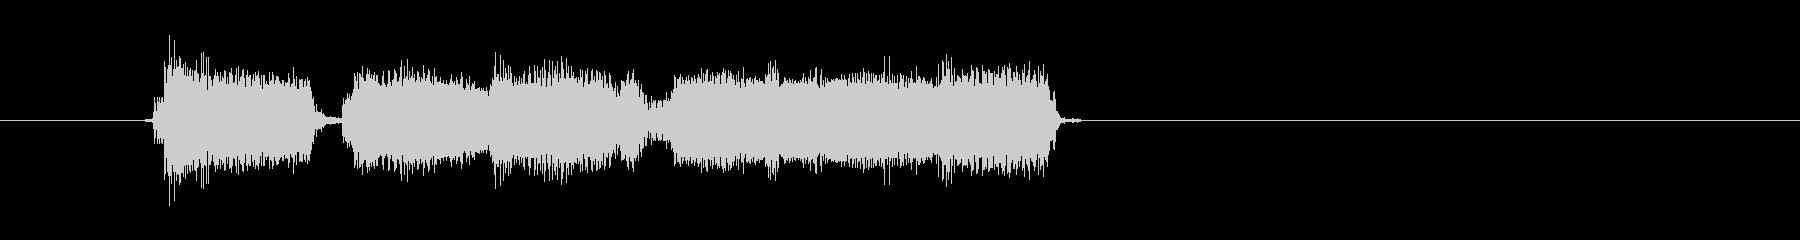 ギターロックフィナーレリズムバージョン2の未再生の波形